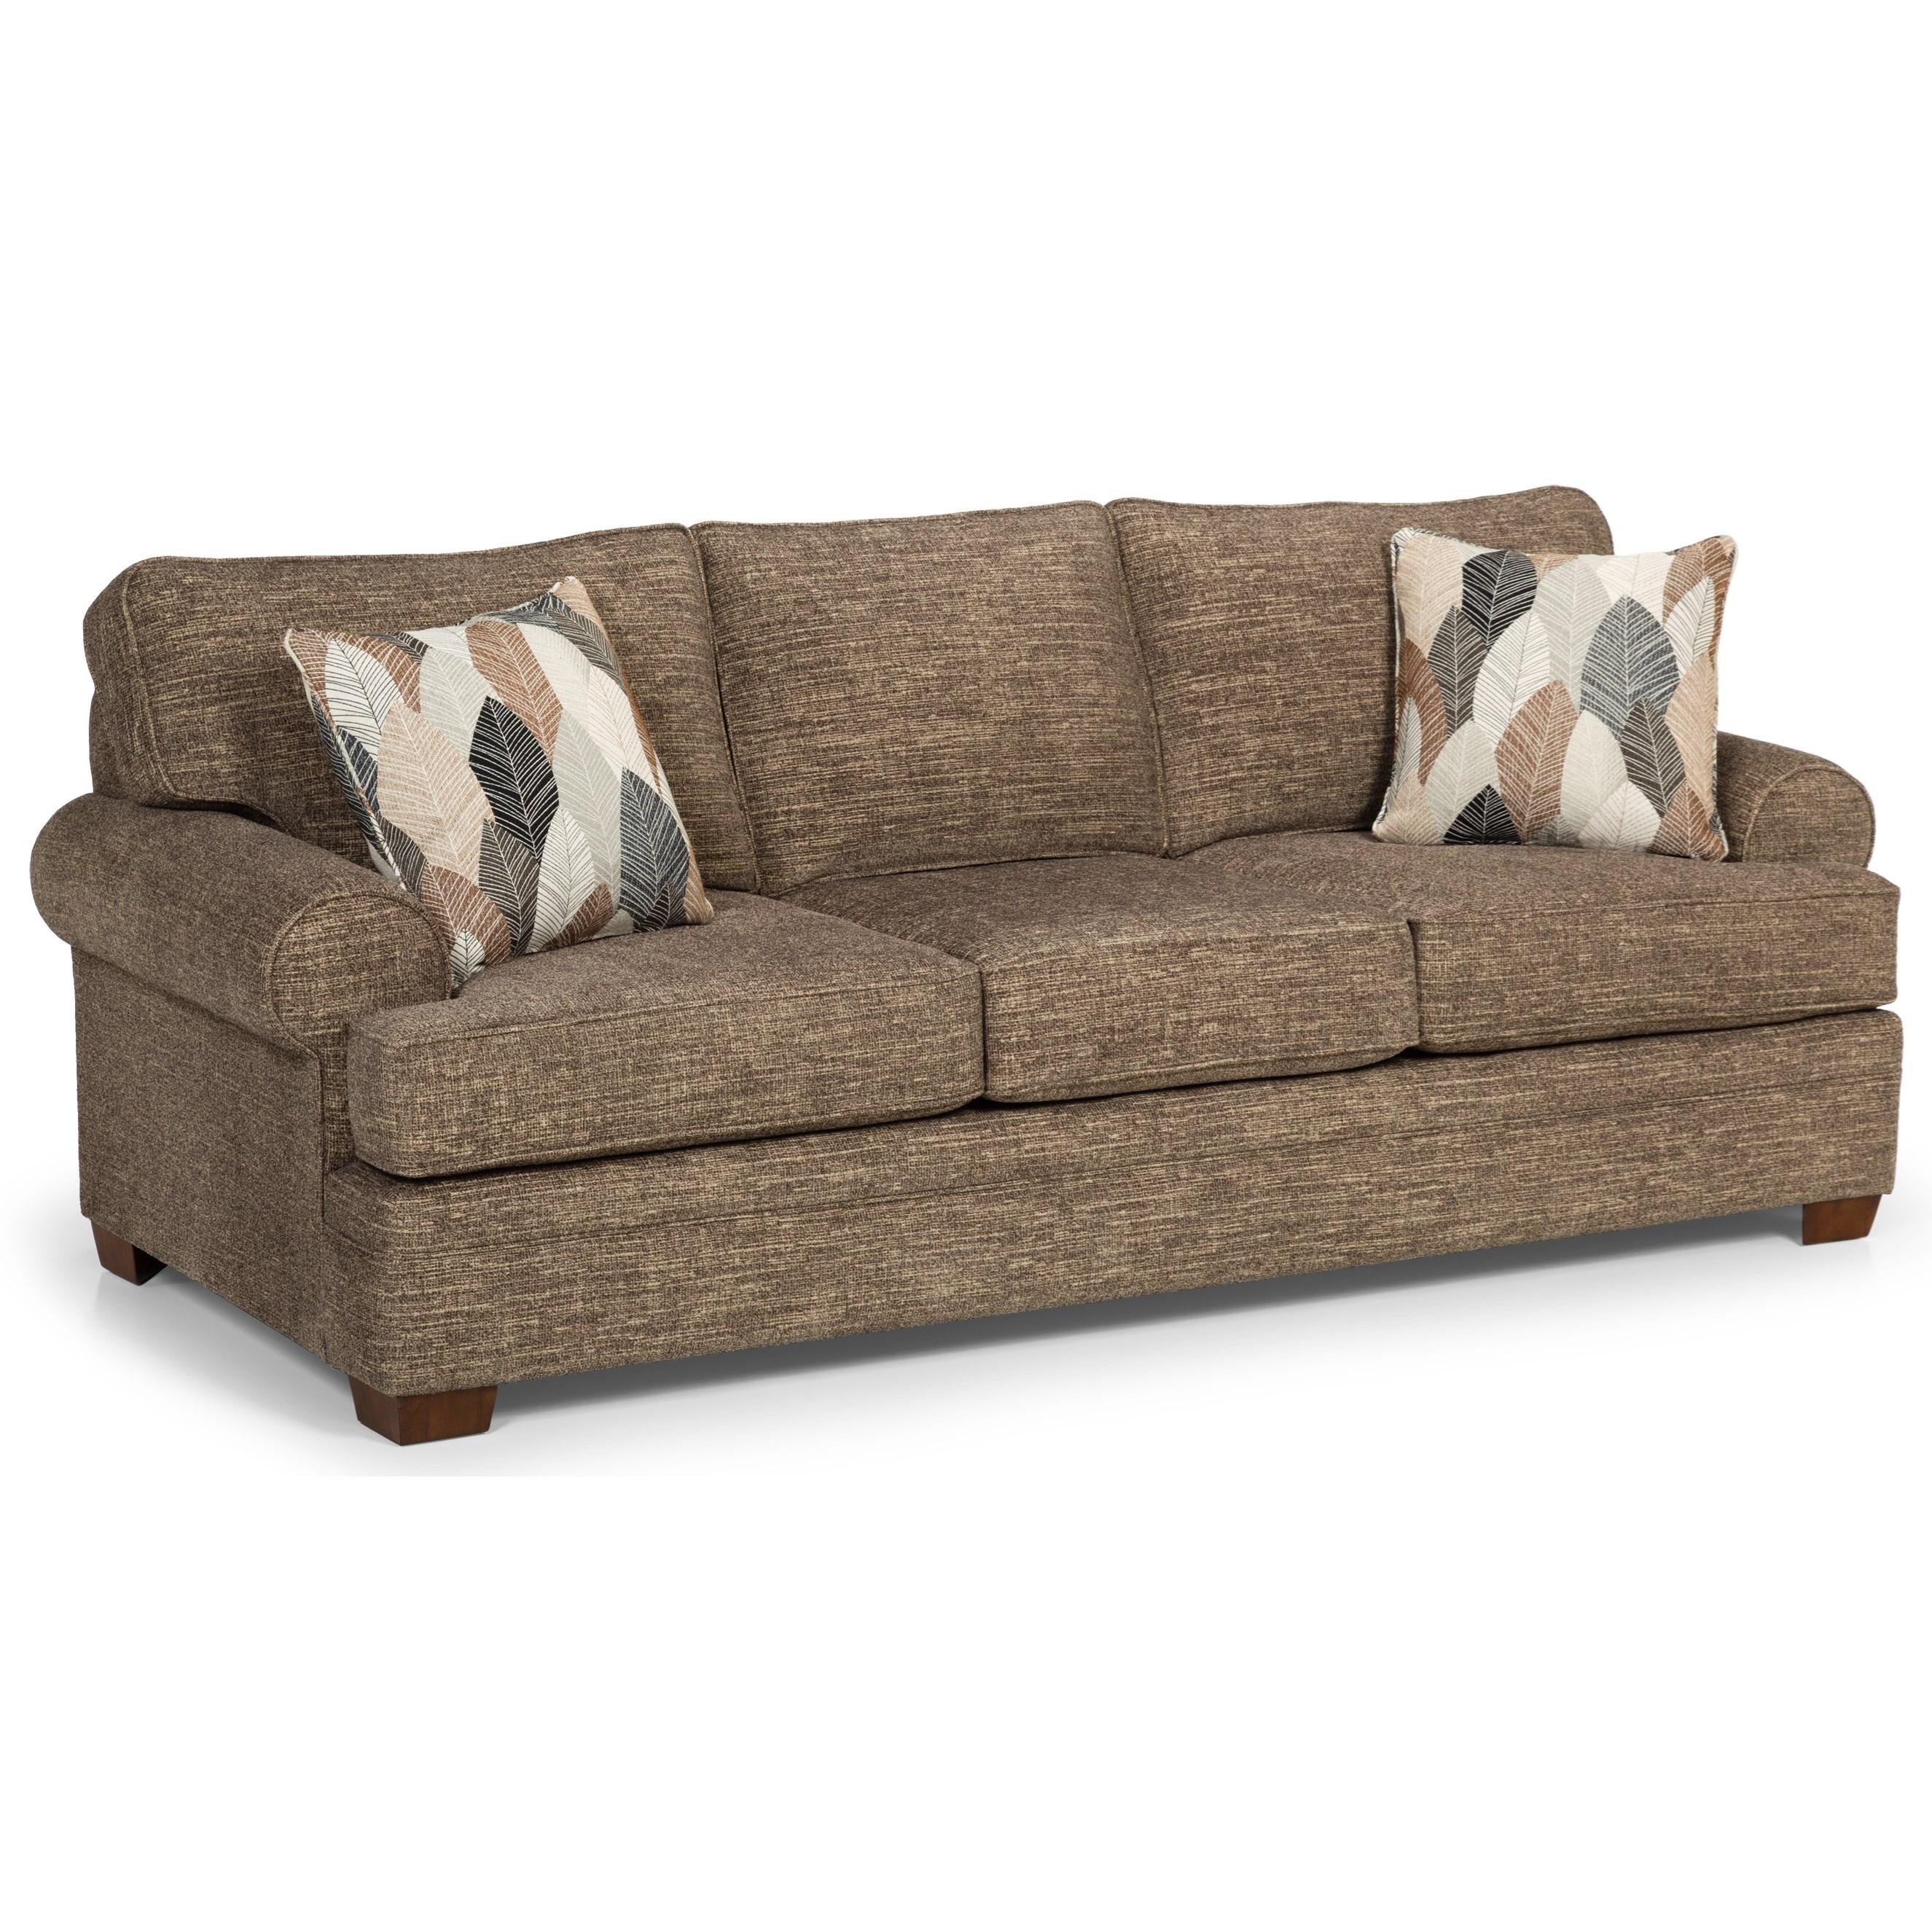 422 Queen Sleeper - Basic Mattress by Stanton at Wilson's Furniture